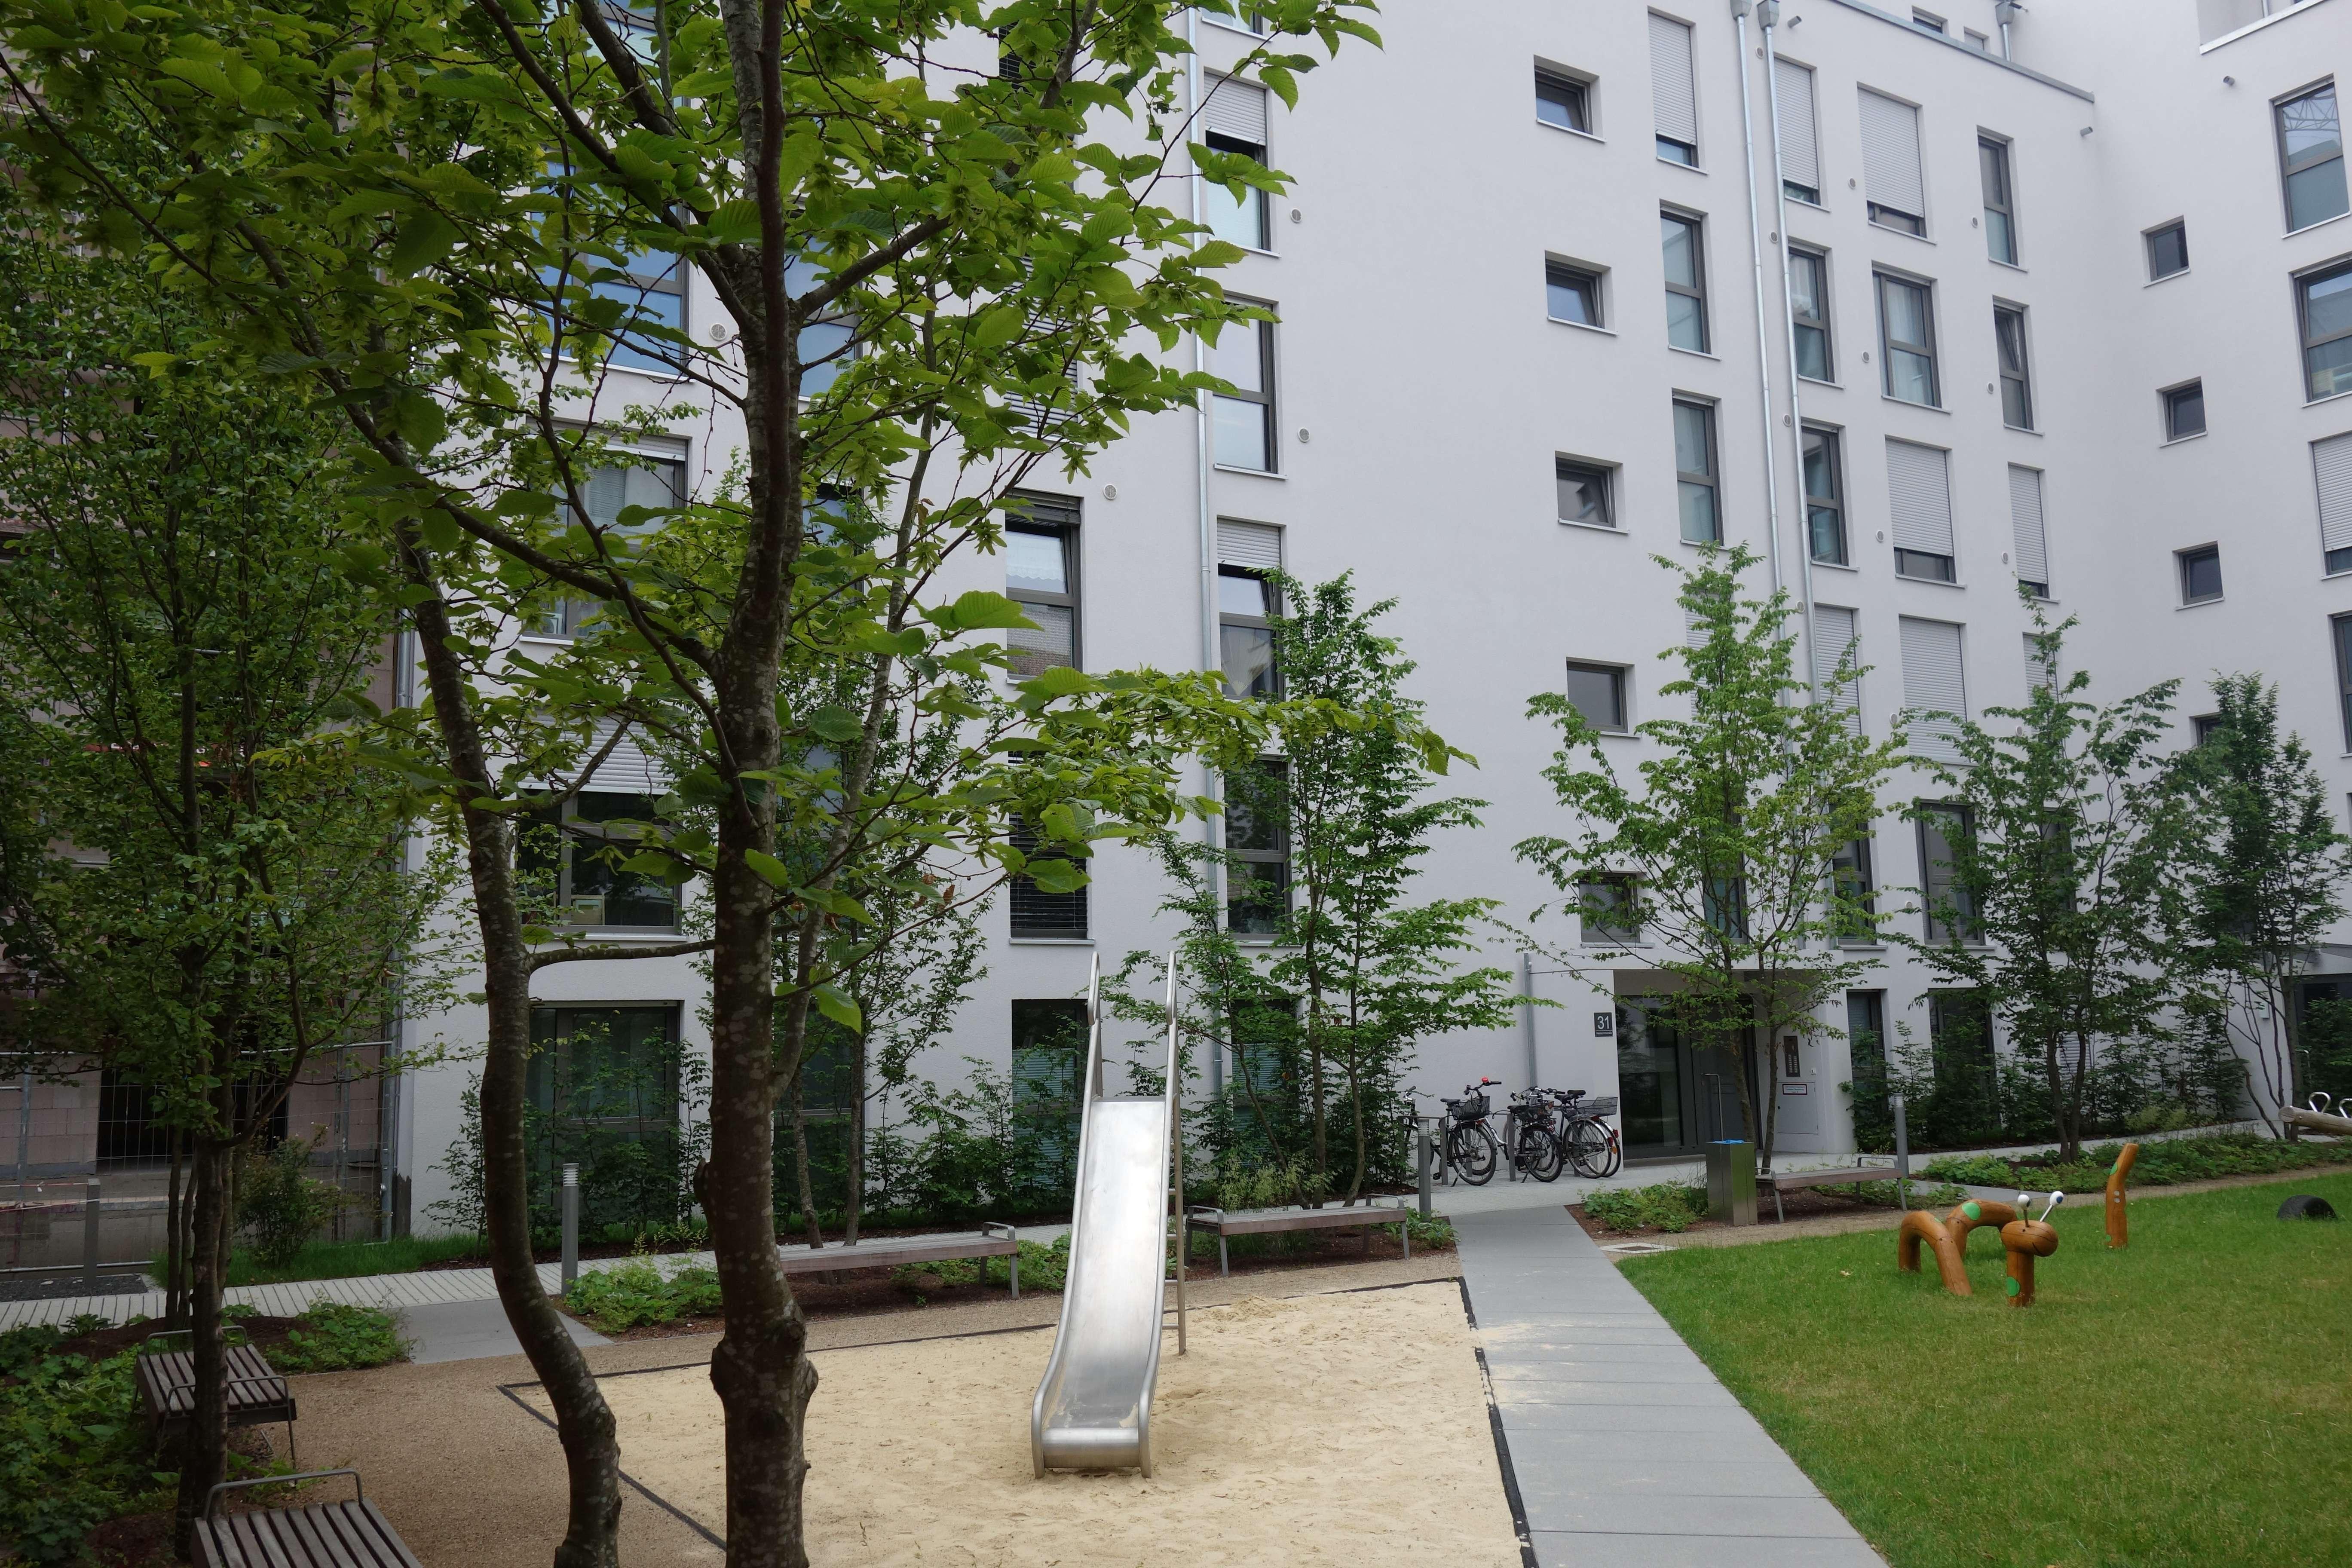 Prima Penthouse-Wohnung mit Dachterrasse in Nürnberg - St. Johannis in Bielingplatz (Nürnberg)